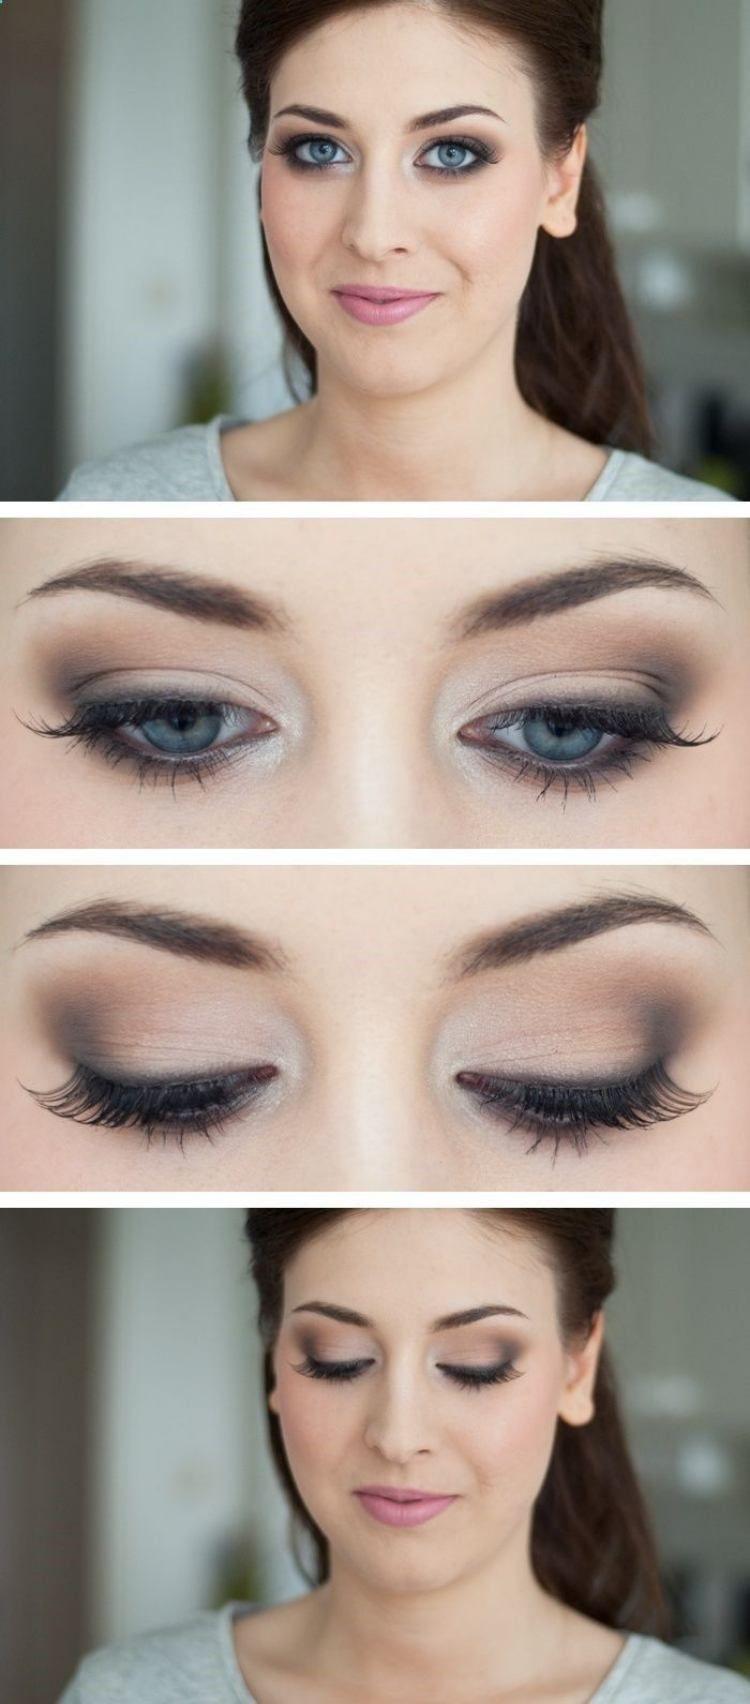 Altagstaugliches Make Up Smokey Eyes Fur Blaue Augen Blaue Augen Schminken Naturliches Smokey Eye Makeup Fur Blaue Augen